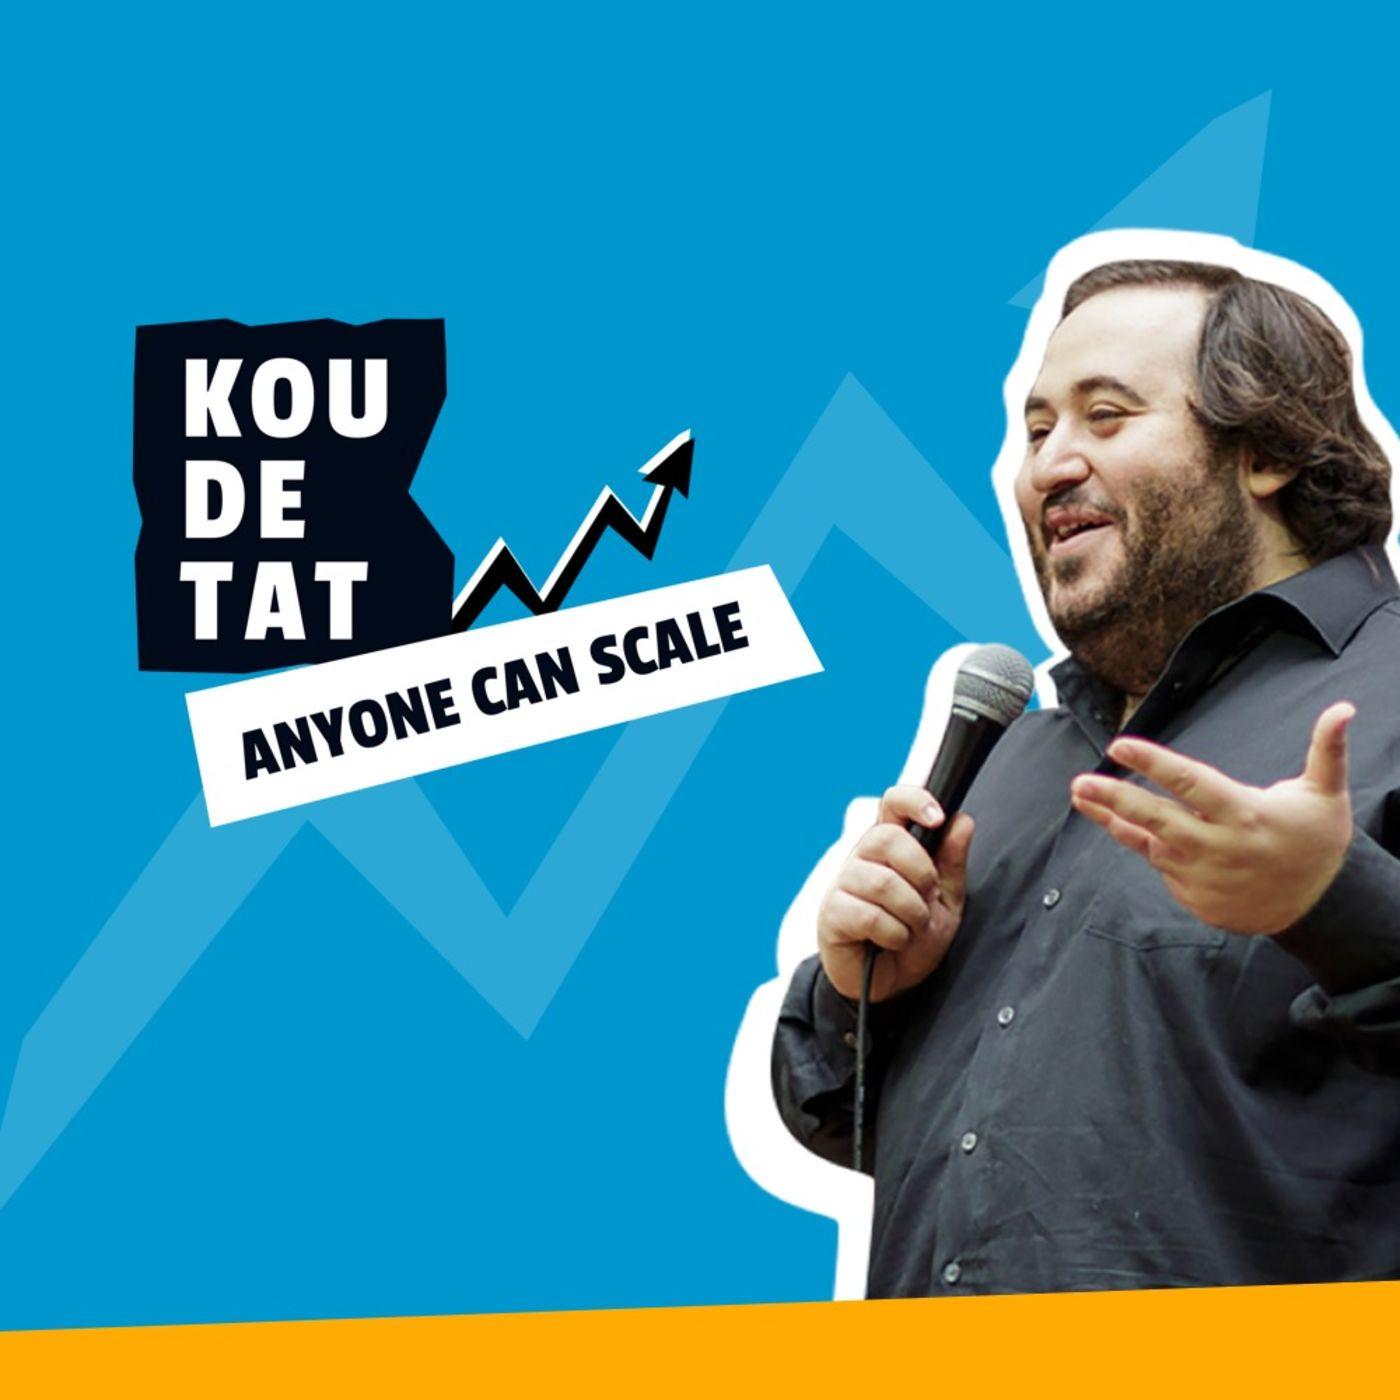 Comment scaler une boite pas scalable ? par Oussama Ammar